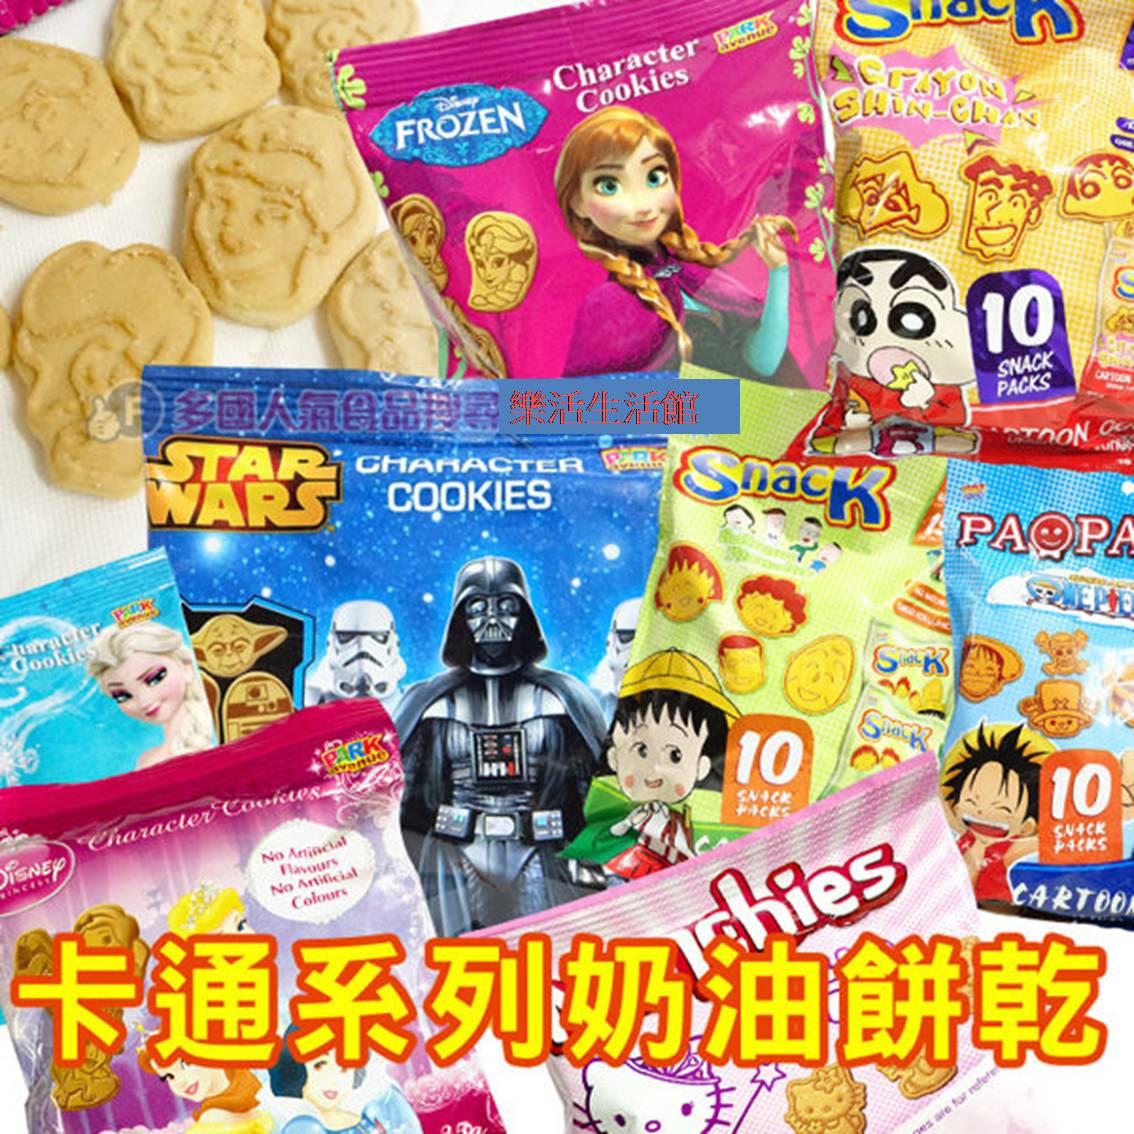 卡通系列奶油餅乾隨身包 迪士尼 星際大戰 KITTY 海綿寶寶 等11種~樂活 館~  1